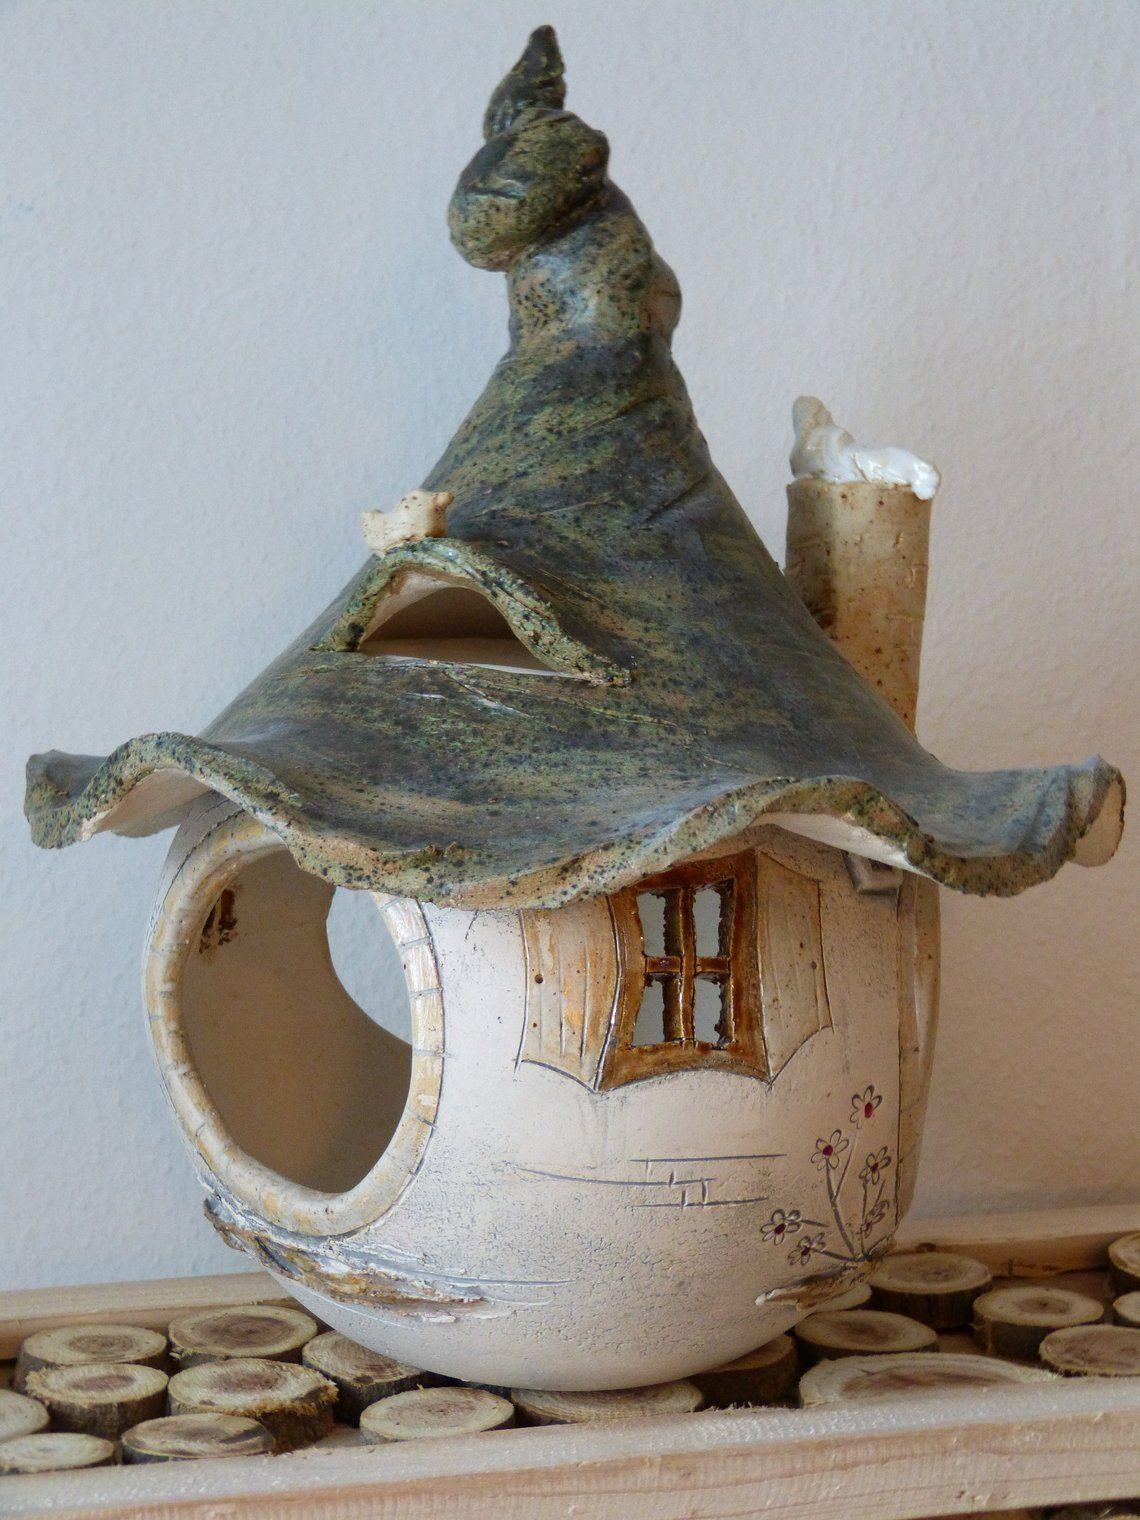 Oiseaux fourrages maison maison - céramique - design ...